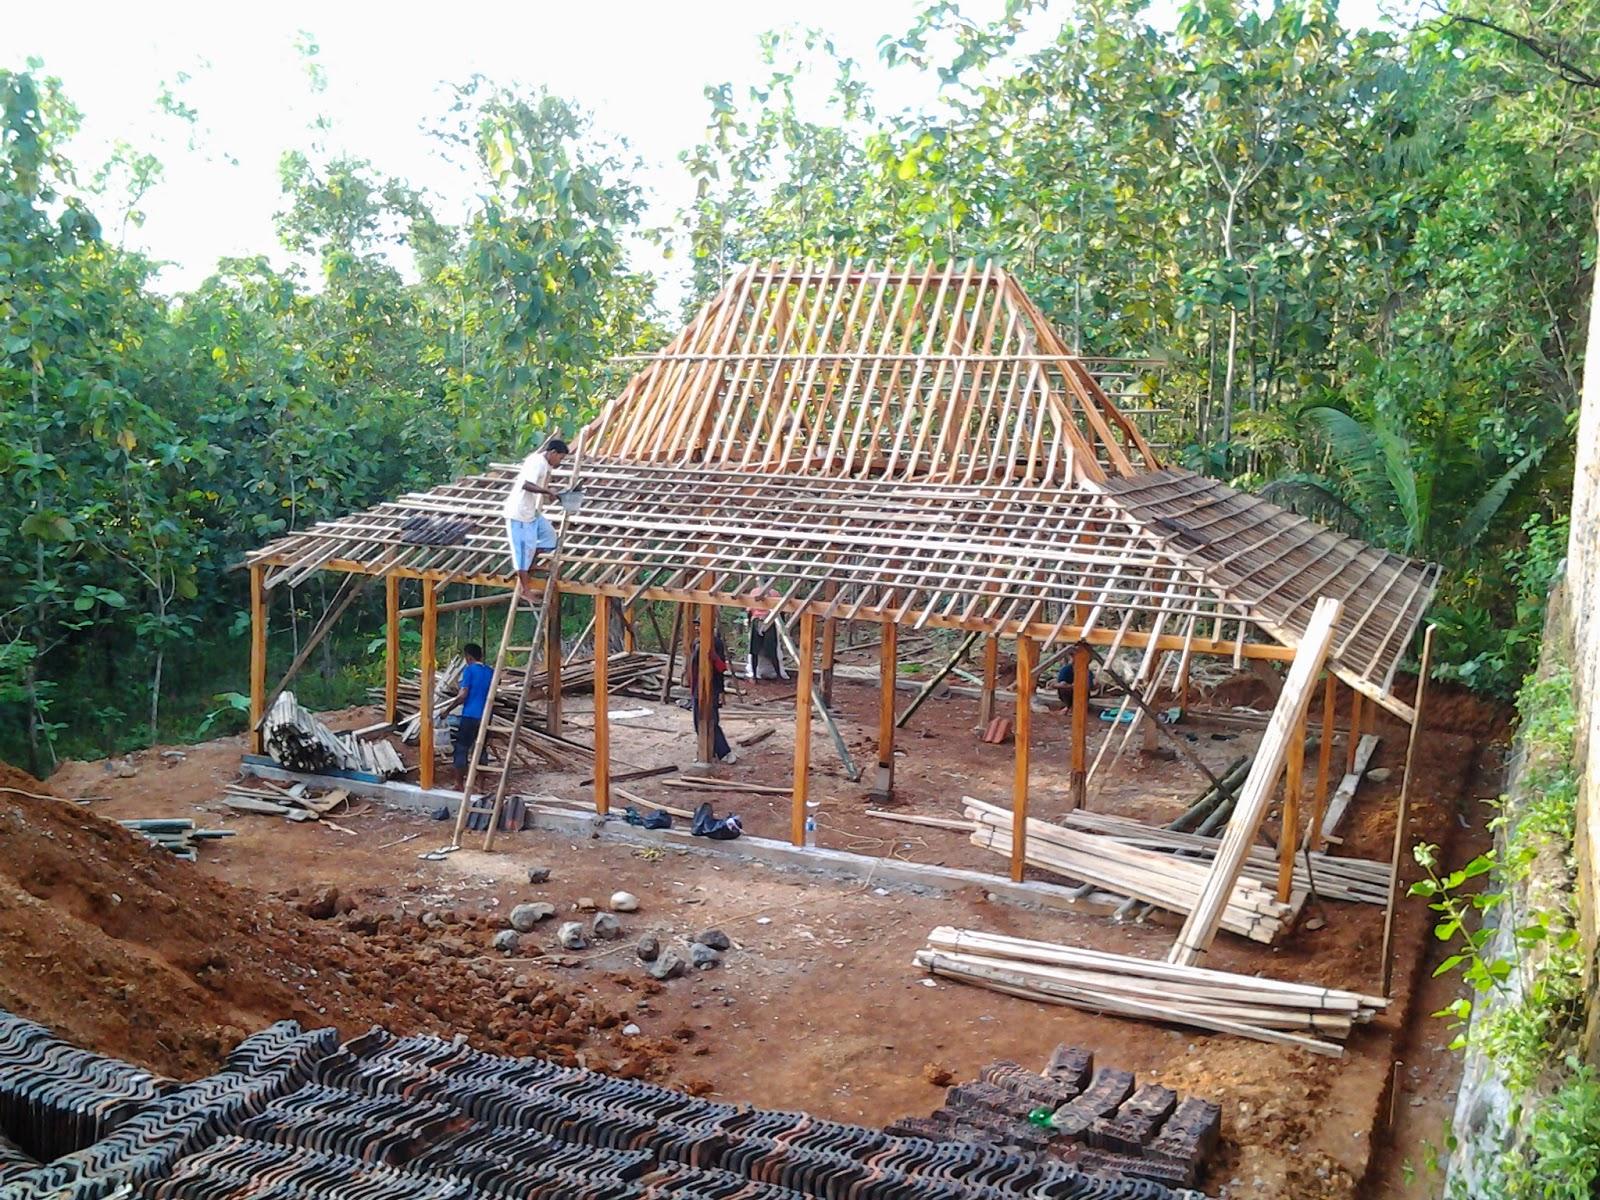 Menghidupkan Kembali Rumah Limasan Rumah Tradisional Jawa Tengah